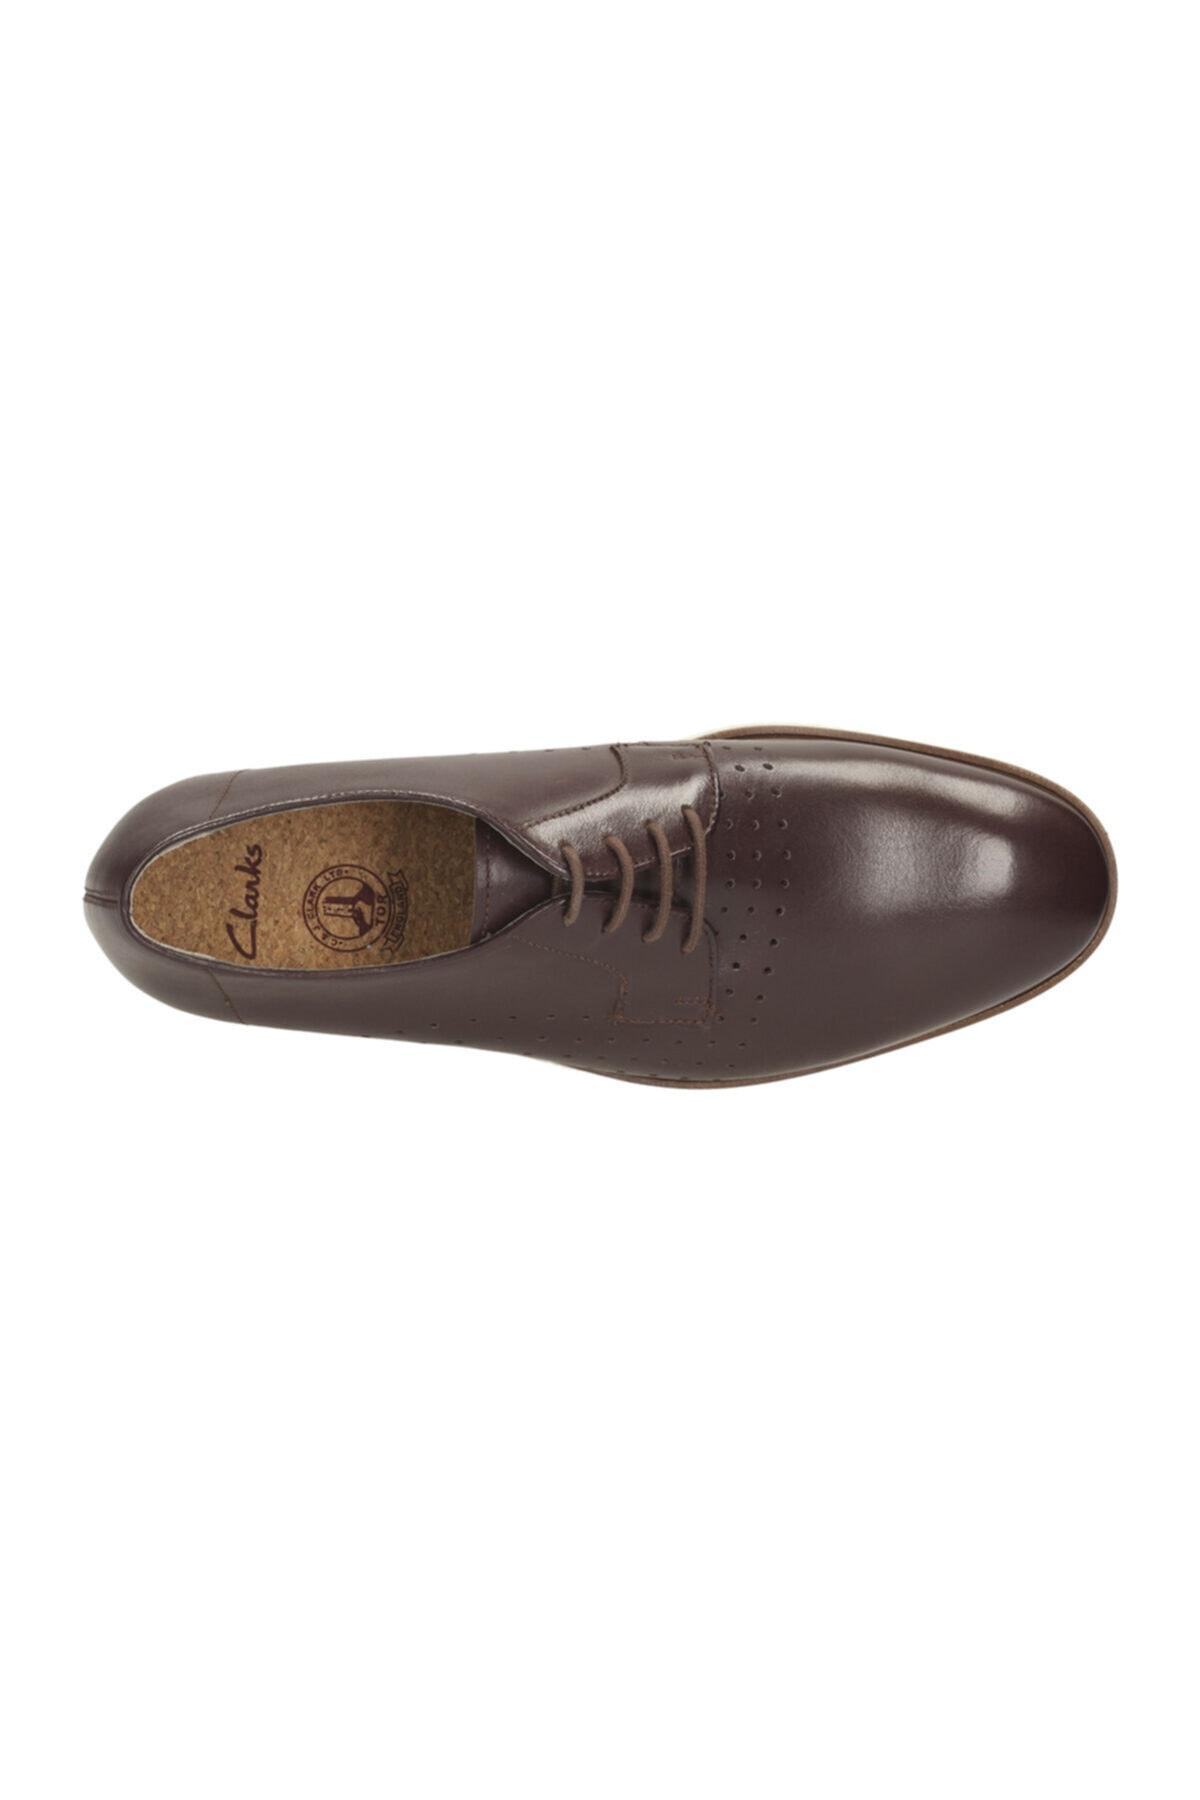 CLARKS Hakiki Deri Kahverengi Erkek Ayakkabı 261142697 2